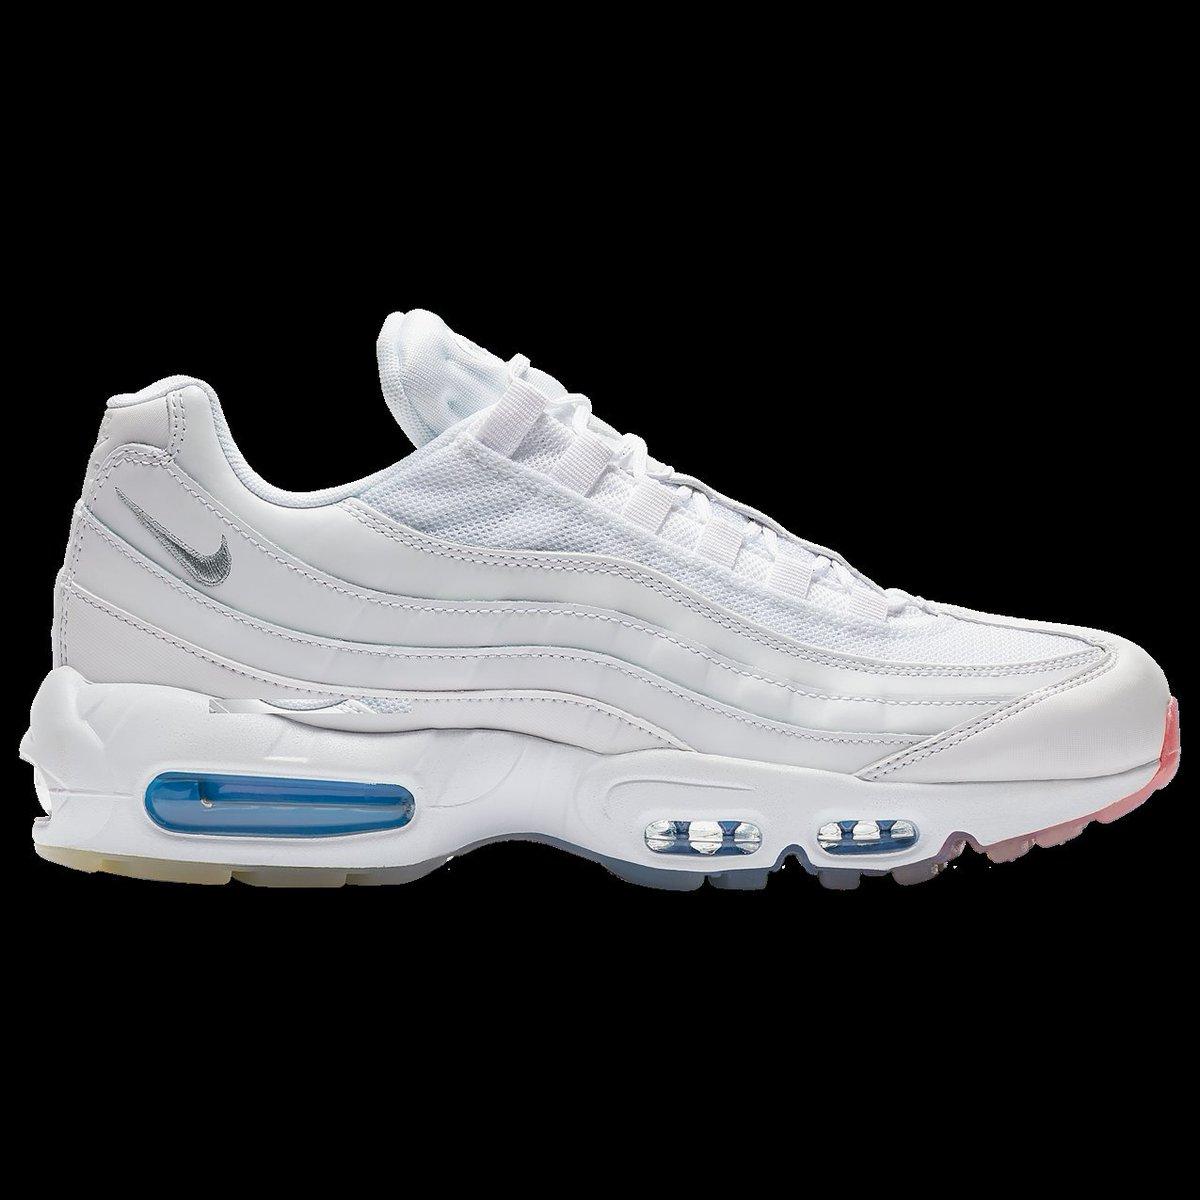 q7981100 Shop Clothing \u0026 Shoes Online